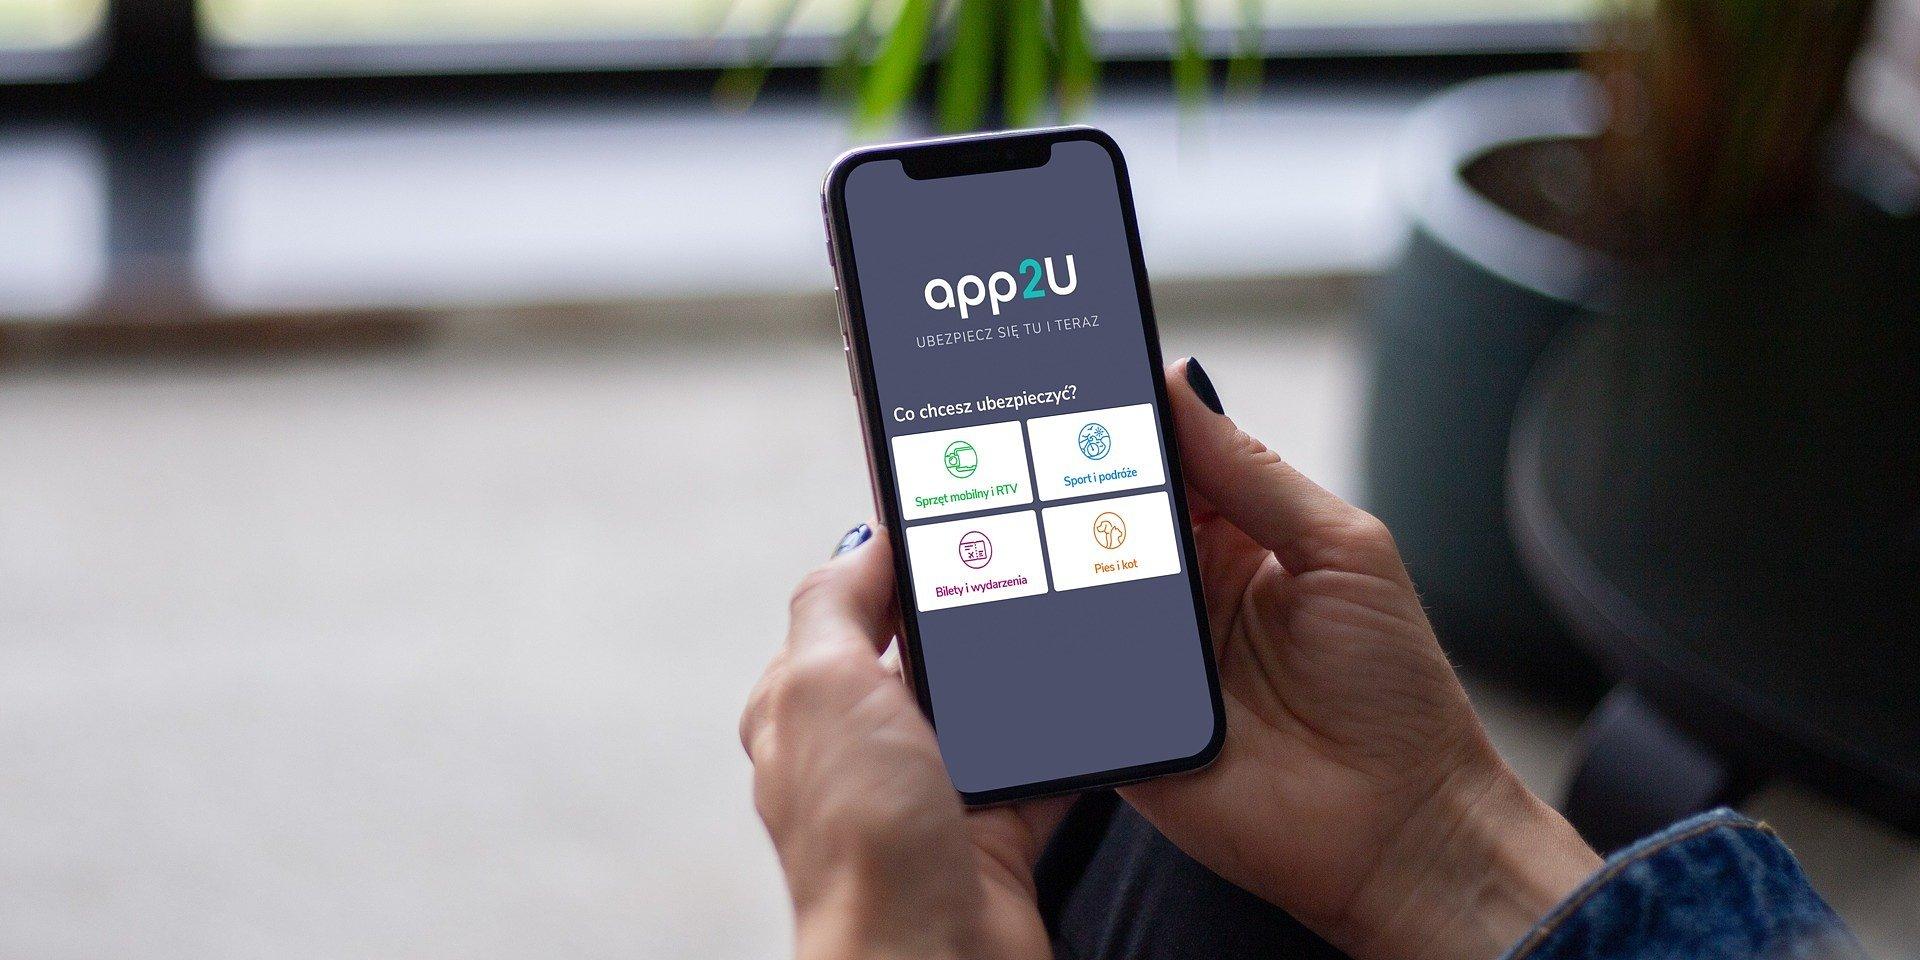 app2U – nowa aplikacja z ubezpieczeniami dla aktywnych